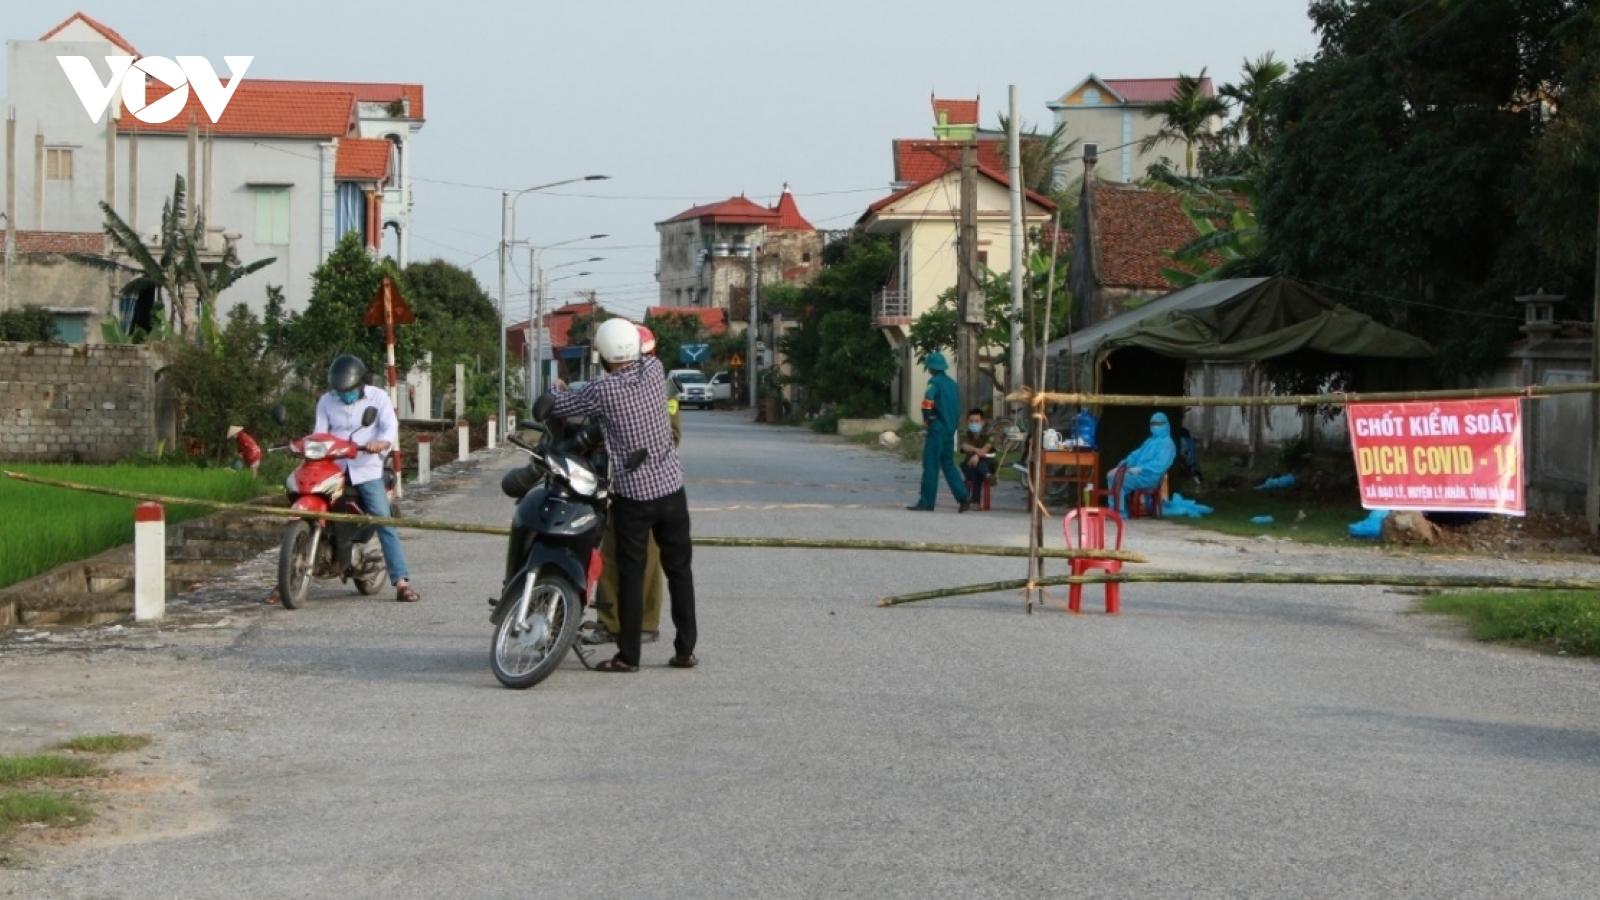 Ngày 2/5, Hà Nam truy vết được thêm 700 trường hợp F1, F2